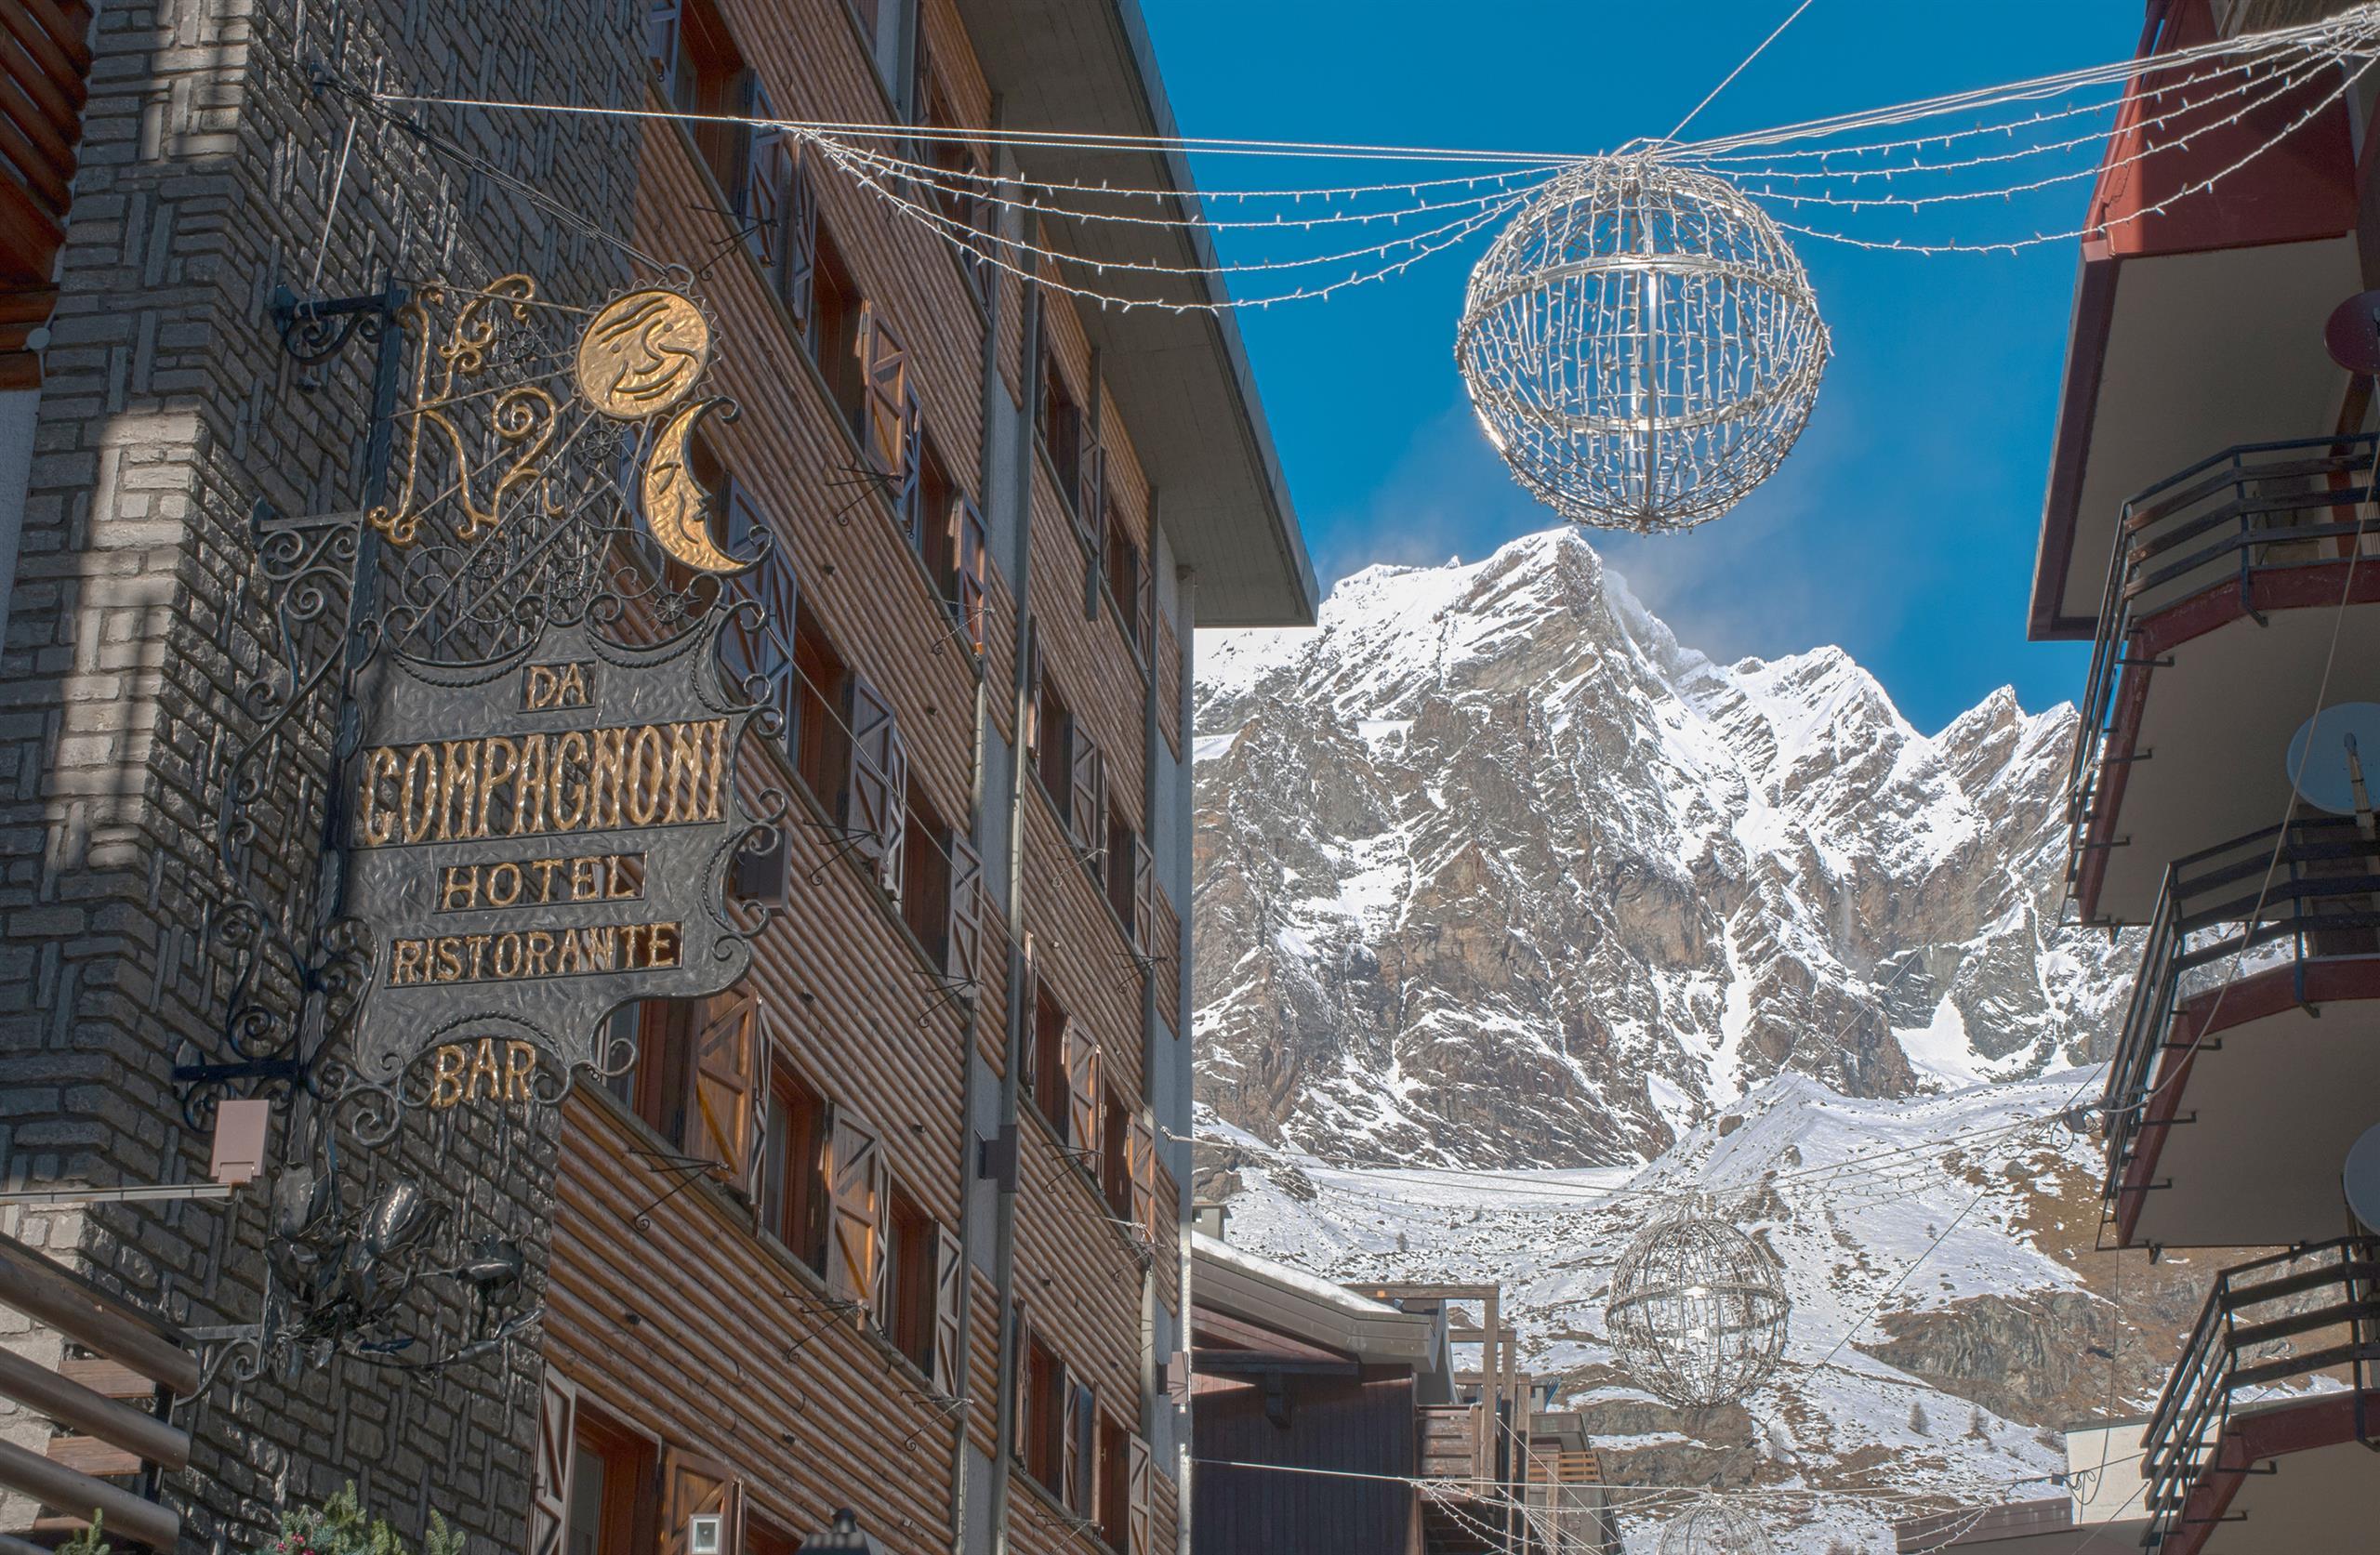 Hotel da Compagnoni